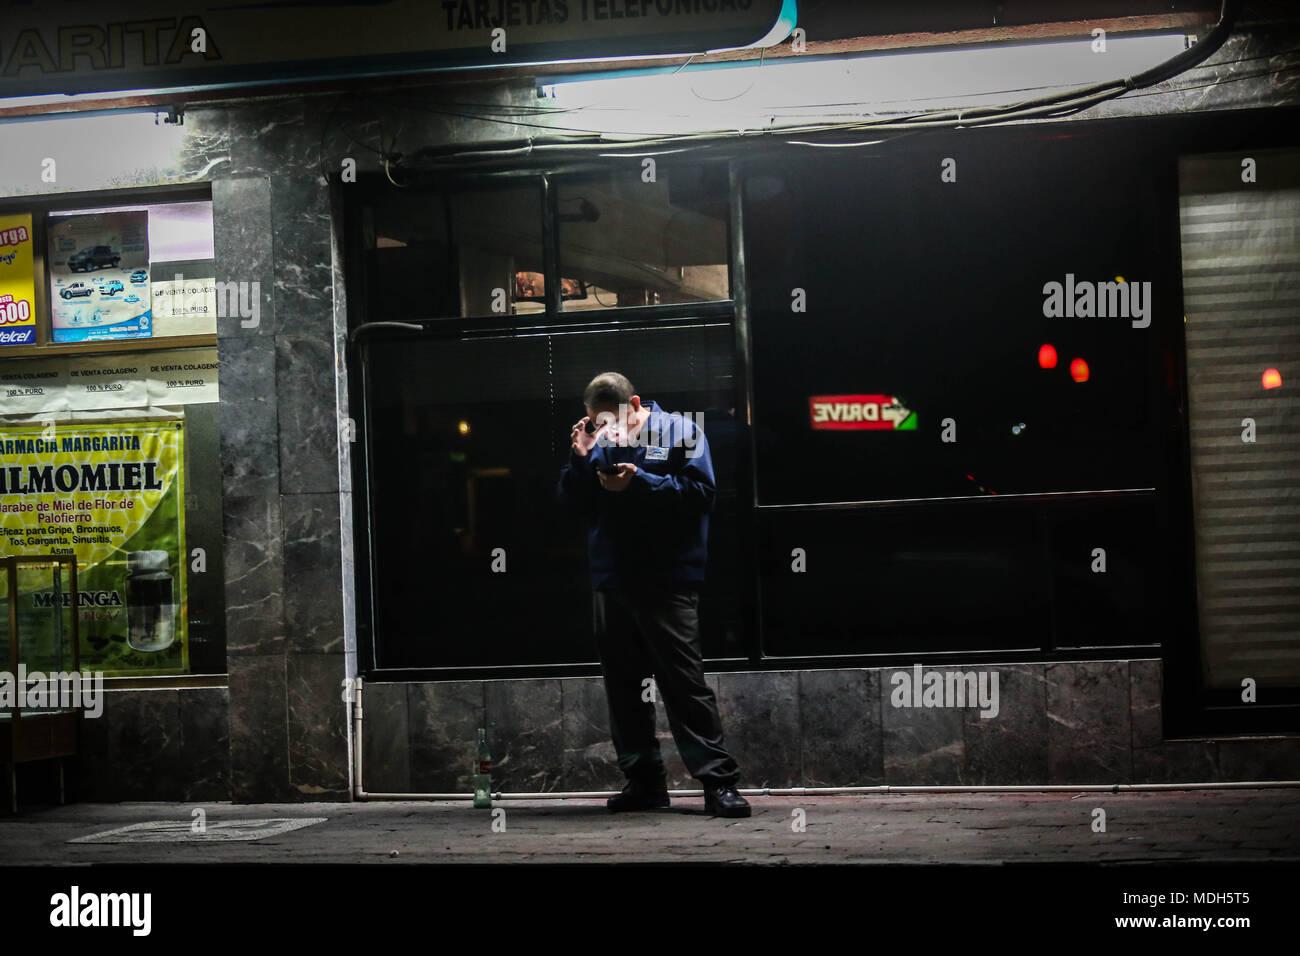 Una persona se detiene al otro lado de la acera de un negocio de cafe para tomar la señal de wifi en su celular. Muchas personas acceden a la red de esta forma - Stock Image